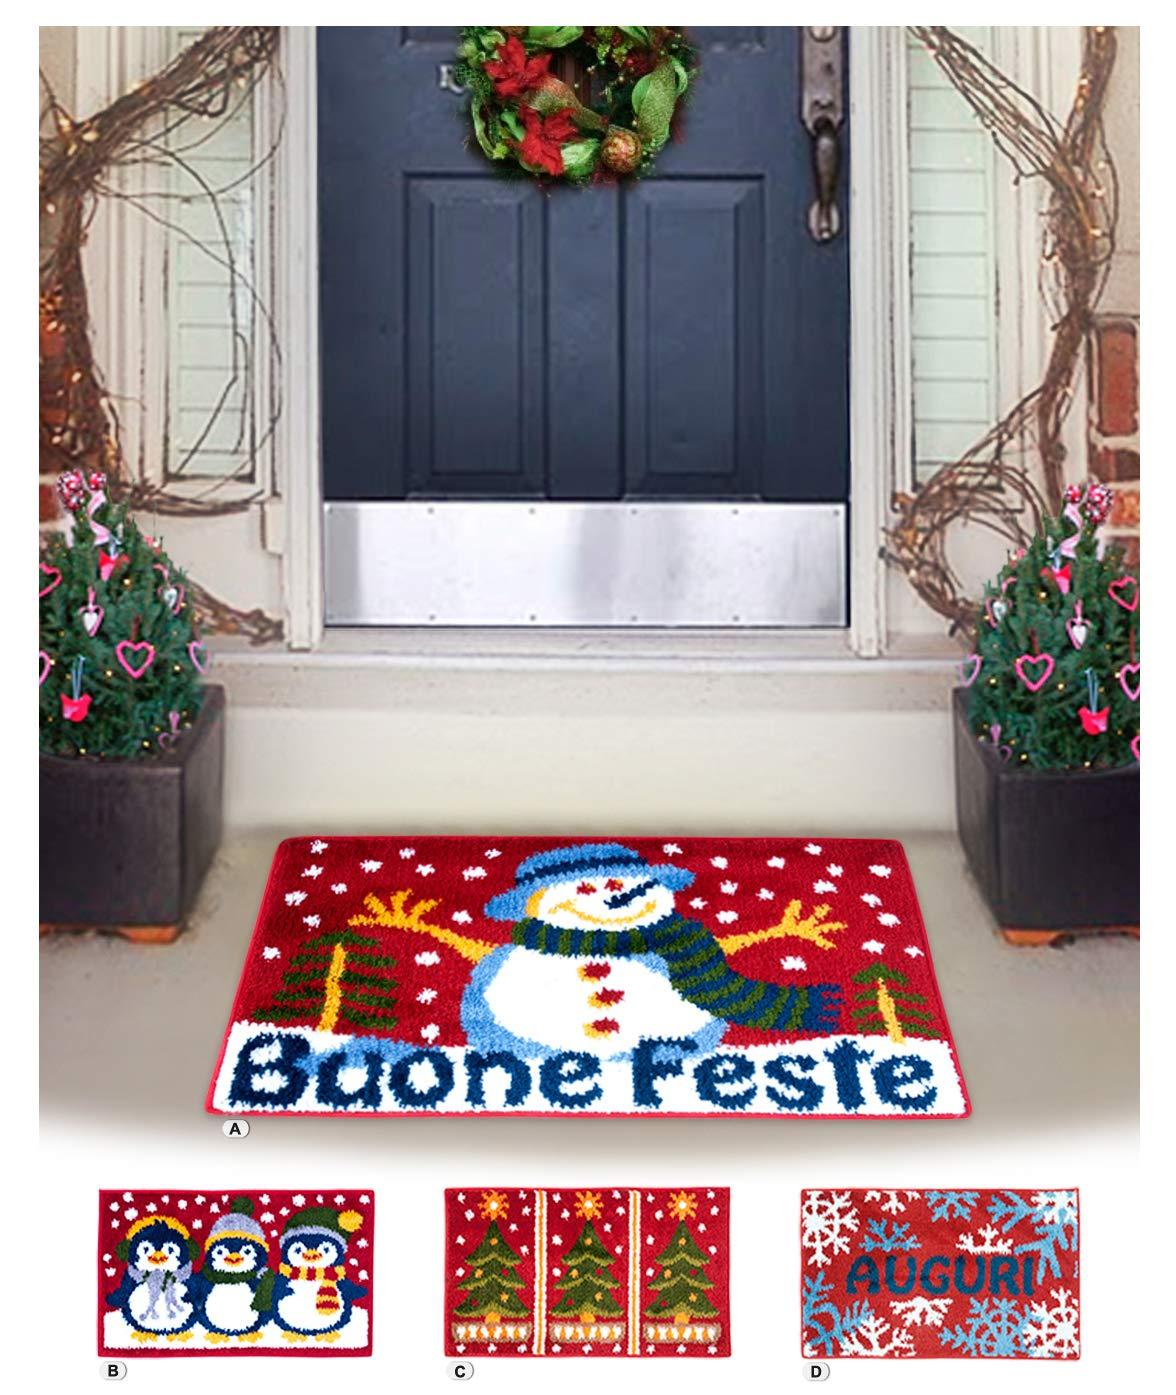 Un tappeto natalizio per ingresso